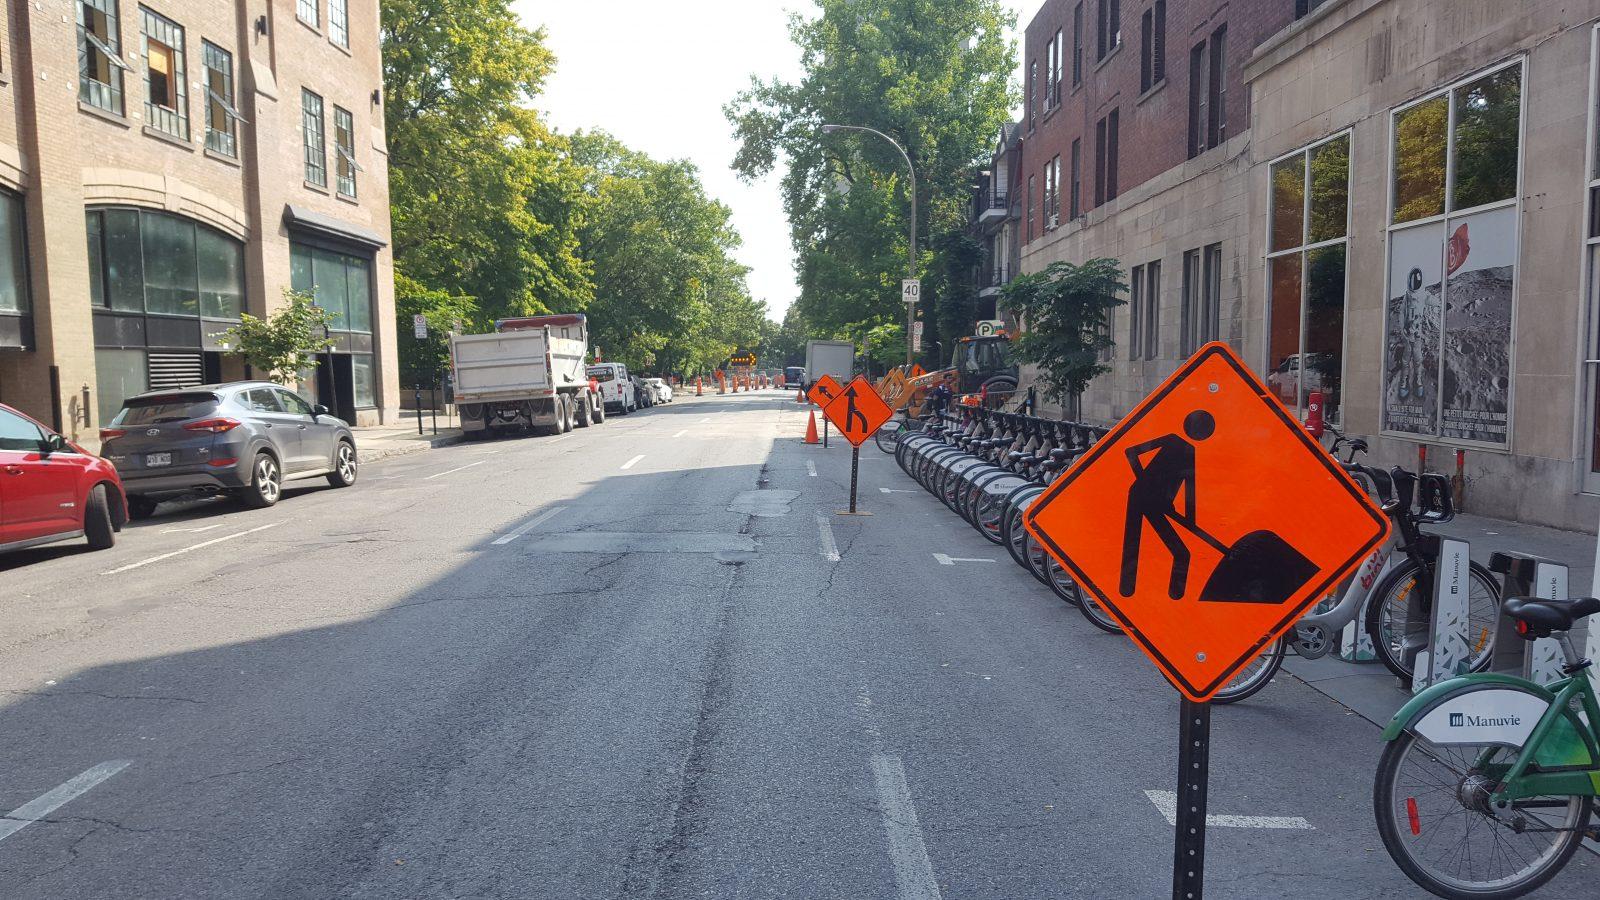 chantier-construction-route-signalisation-orange